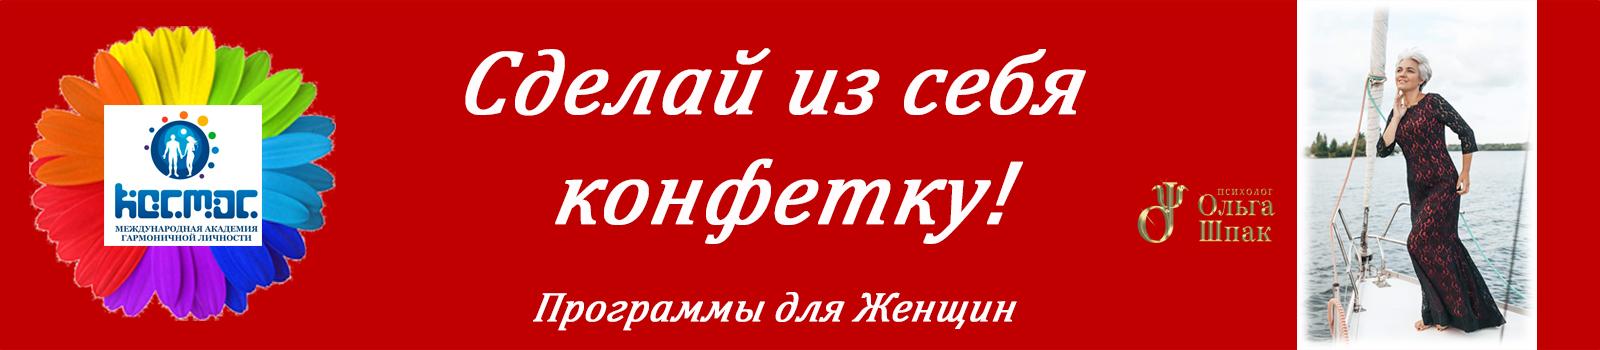 1 - красный1